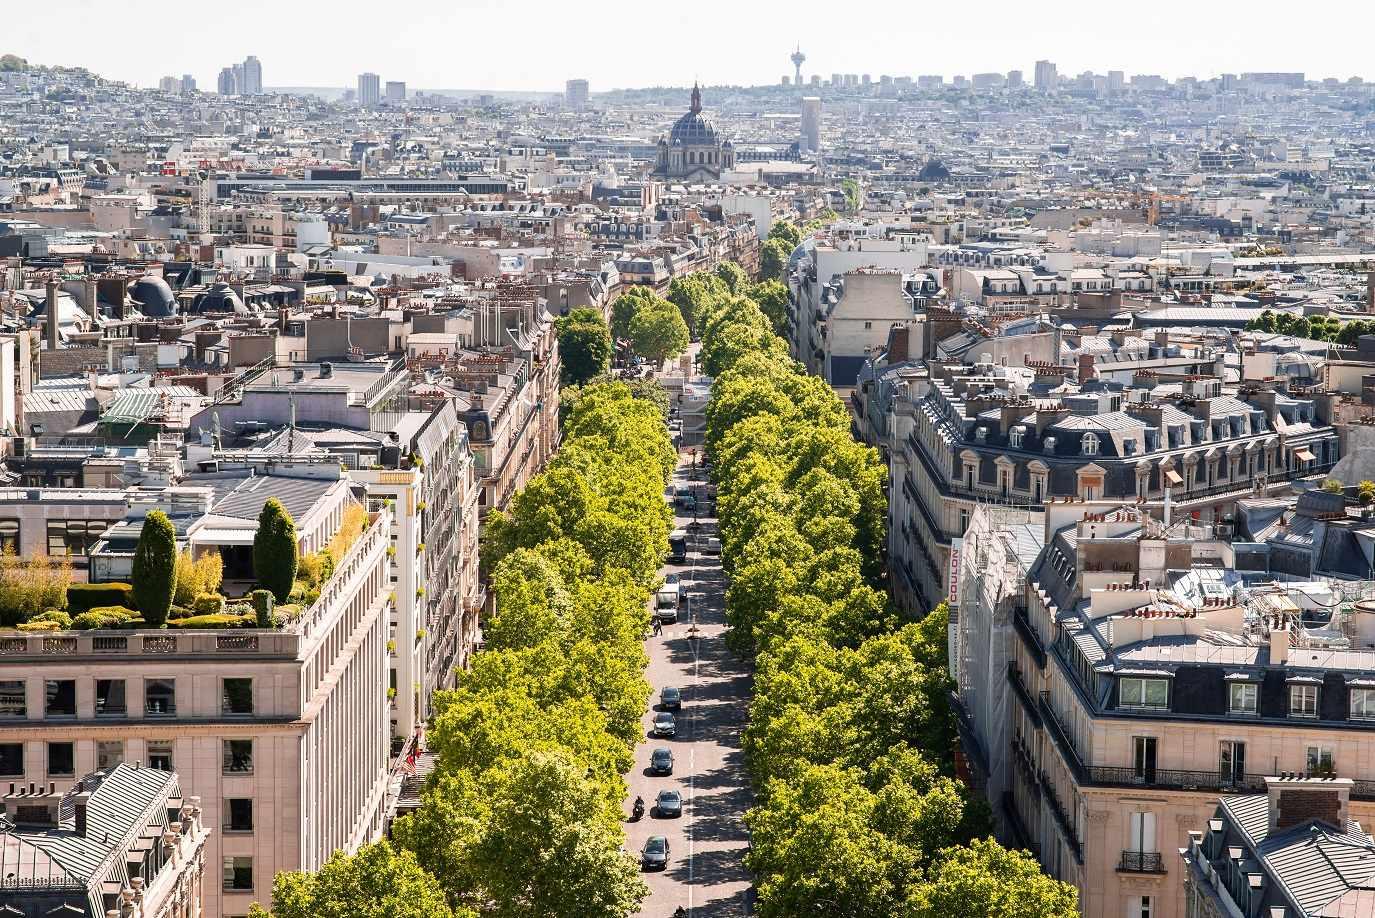 Lire le rapport de l'OCDE: Les Mesures adoptées par les villes face au COVID-19